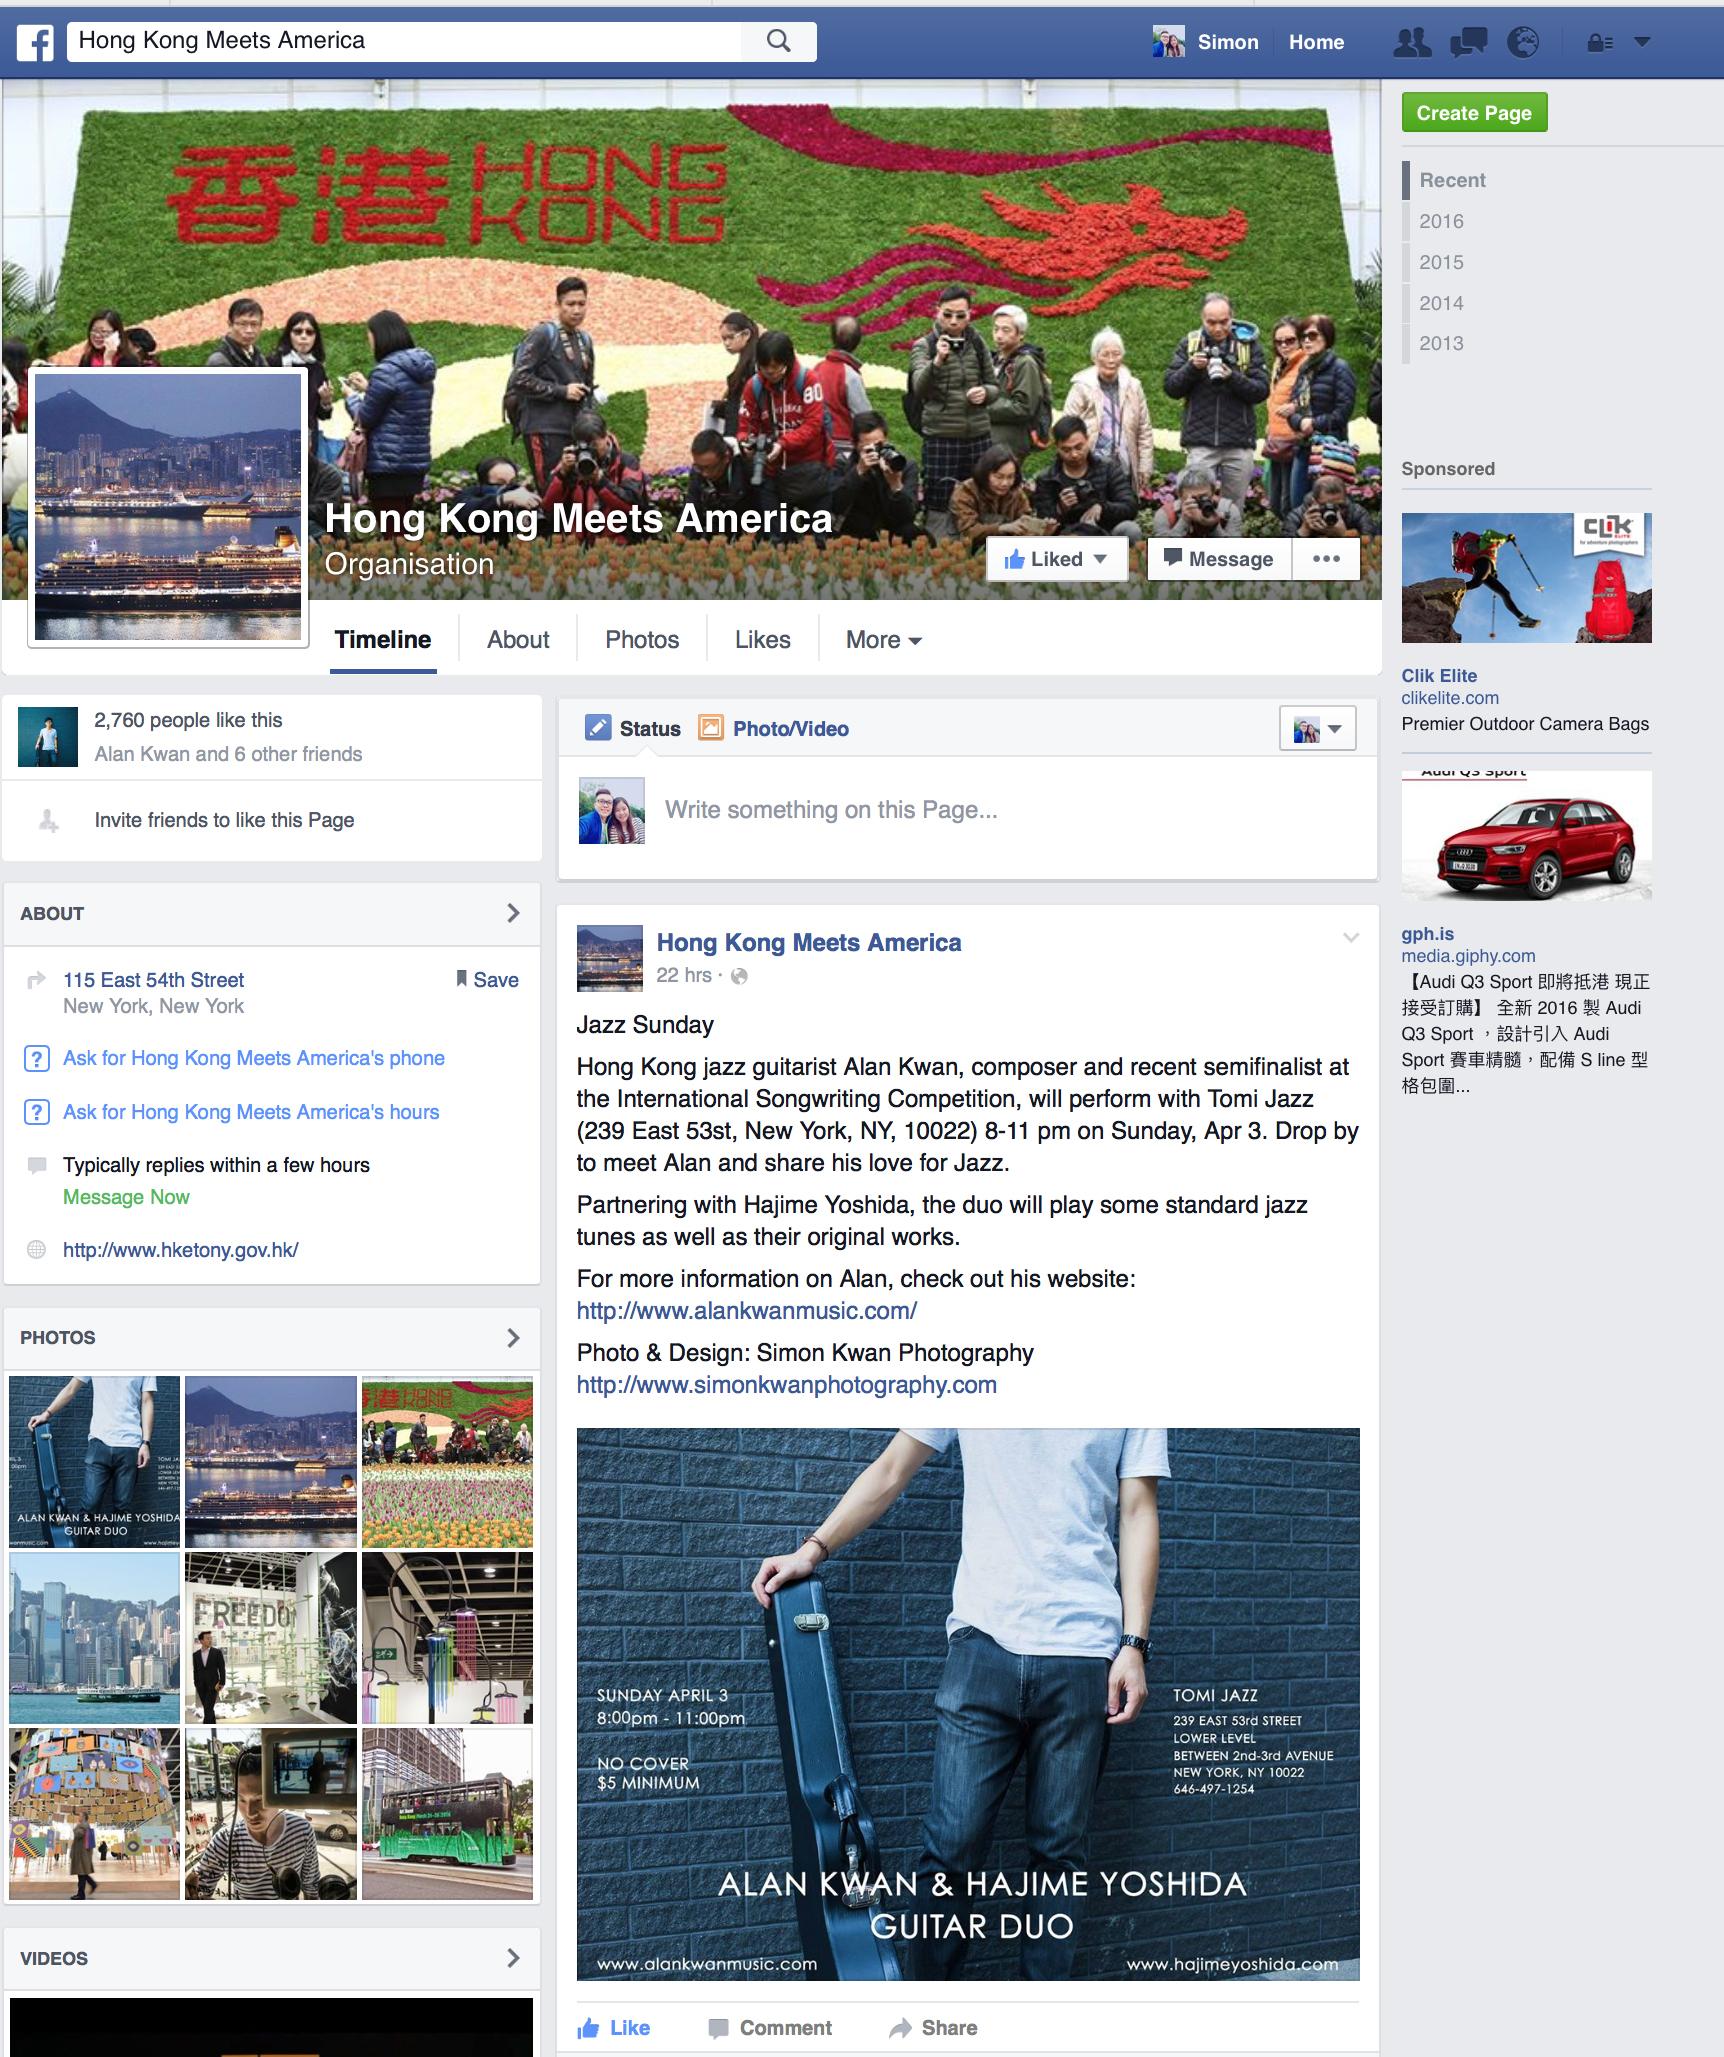 """""""Hong Kong Meets America Facebook Page""""   01.04.2016  Hong Kong Meets America Facebook Page  https://www.facebook.com/hkmeetsamerica/?ref=br_rs"""